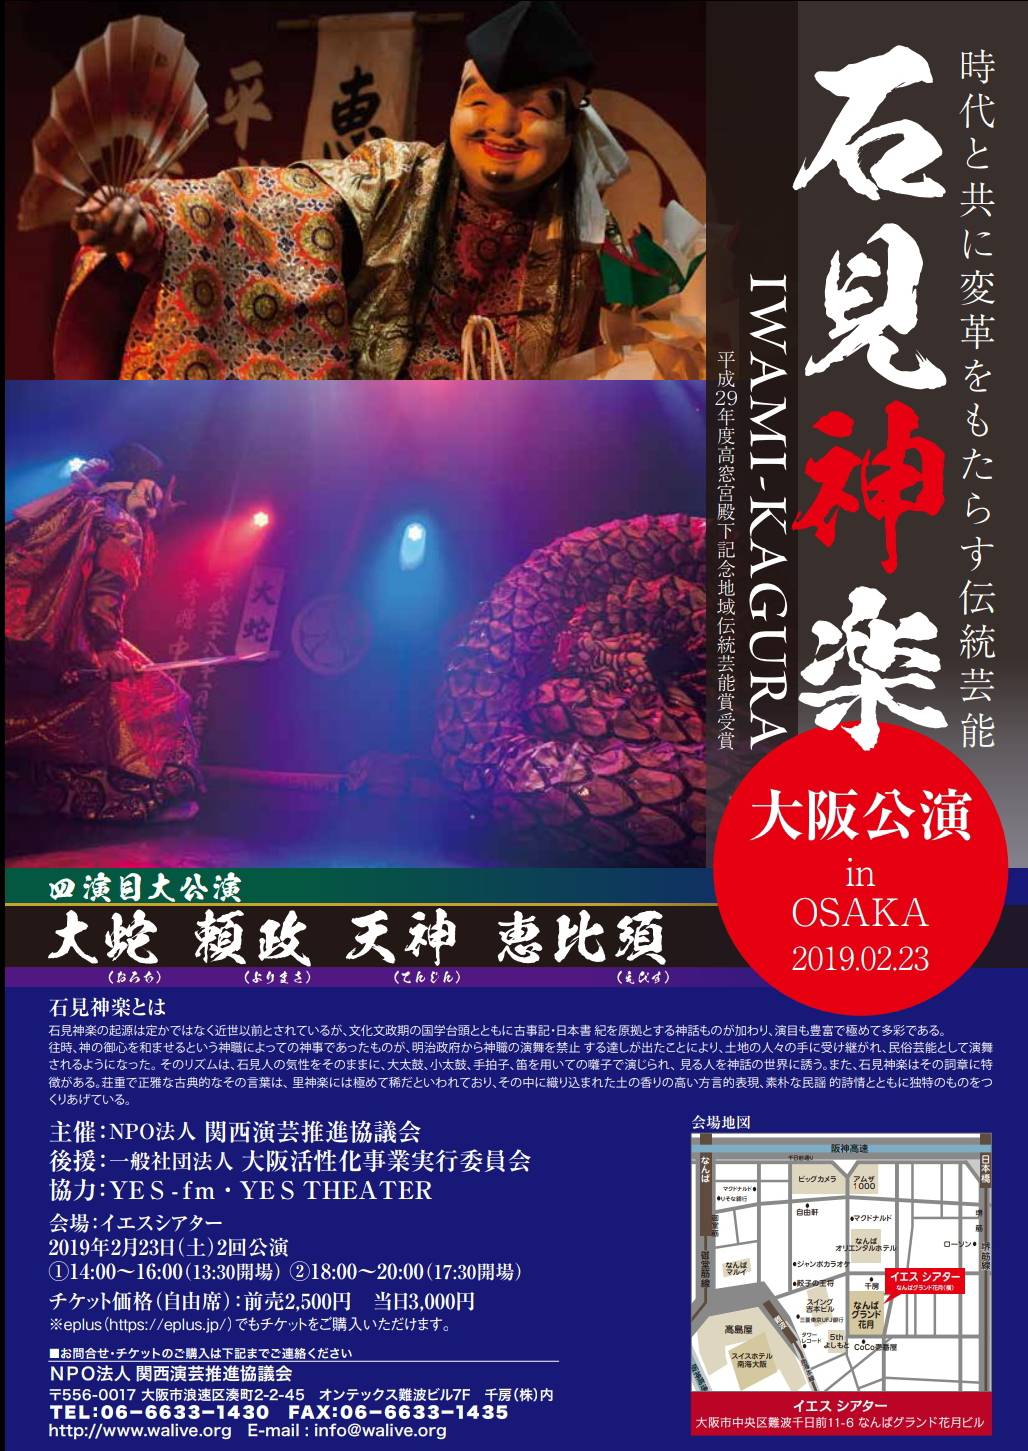 石見神楽 大阪公演